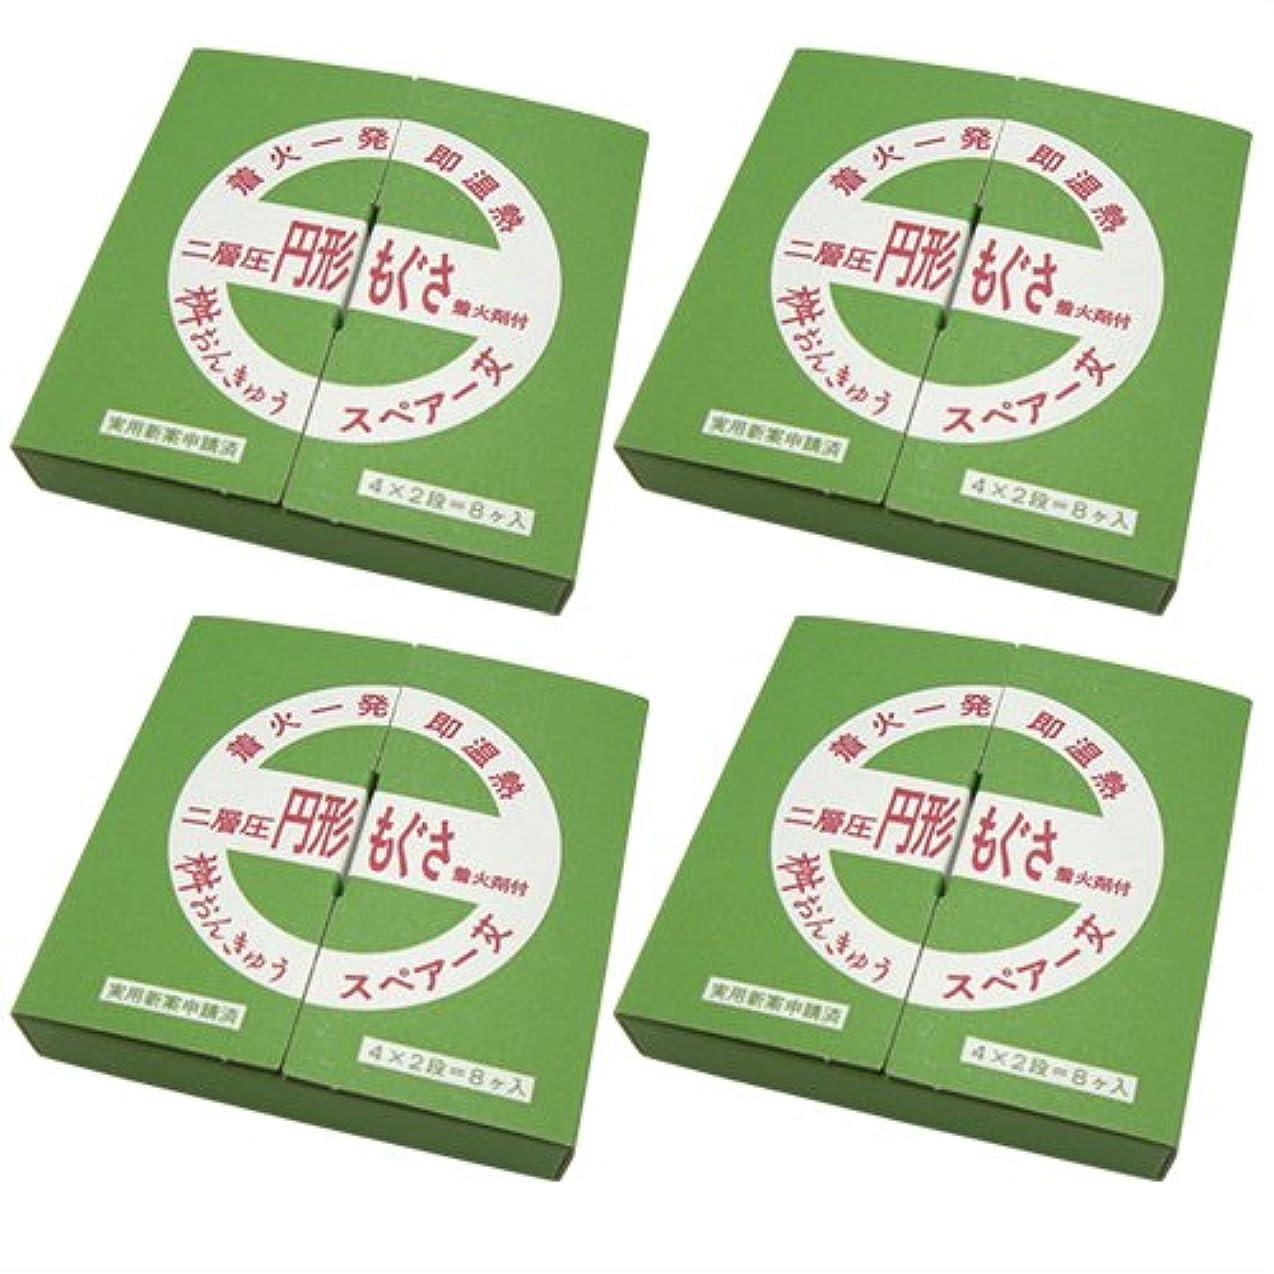 一時解雇する宿題をする有用桝おんきゅう用スペアもぐさ 二層圧 円形もぐさ (8ケ) ×4箱セット